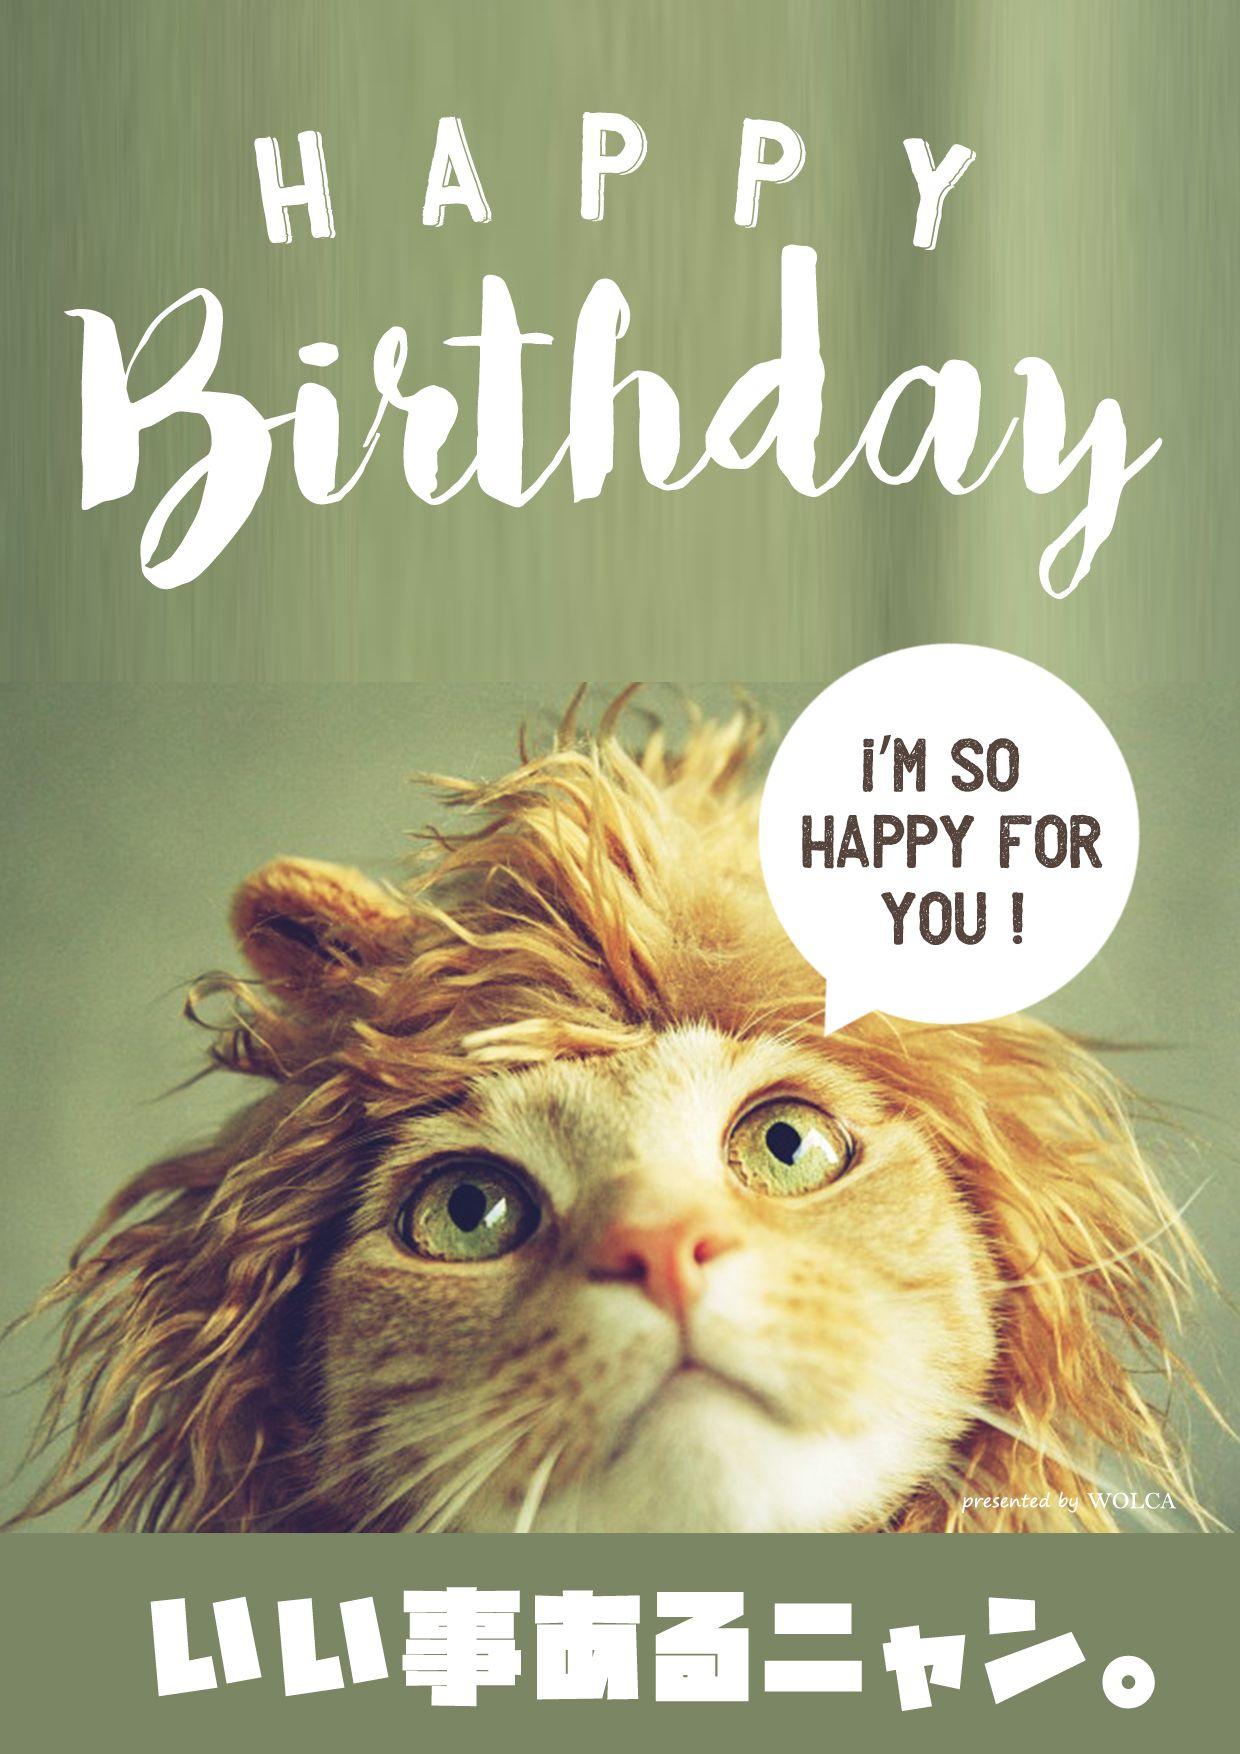 猫好きの友達に贈るお誕生日お祝い画像 誕生日おめでとう メッセージ ハッピーバースデー イラスト バースデーカード